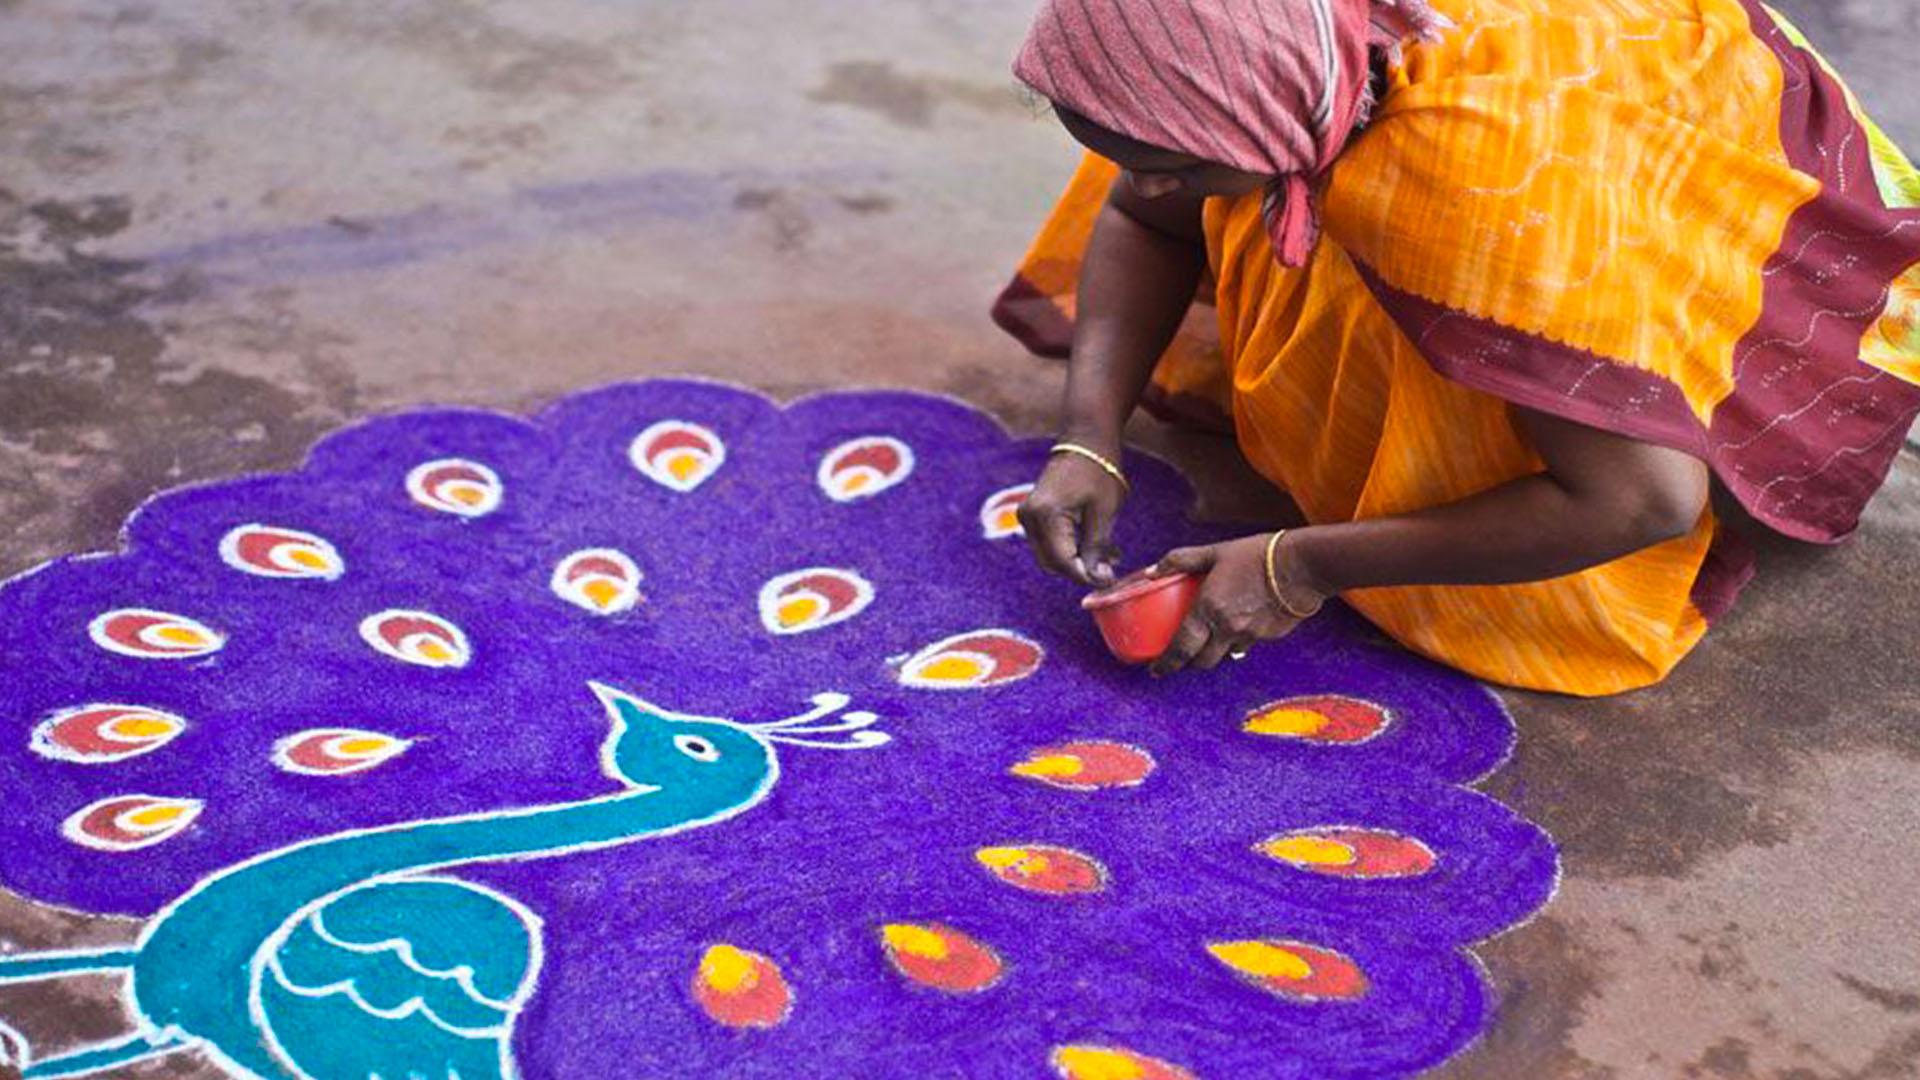 γυναίκα σχεδιάζει παγόνι